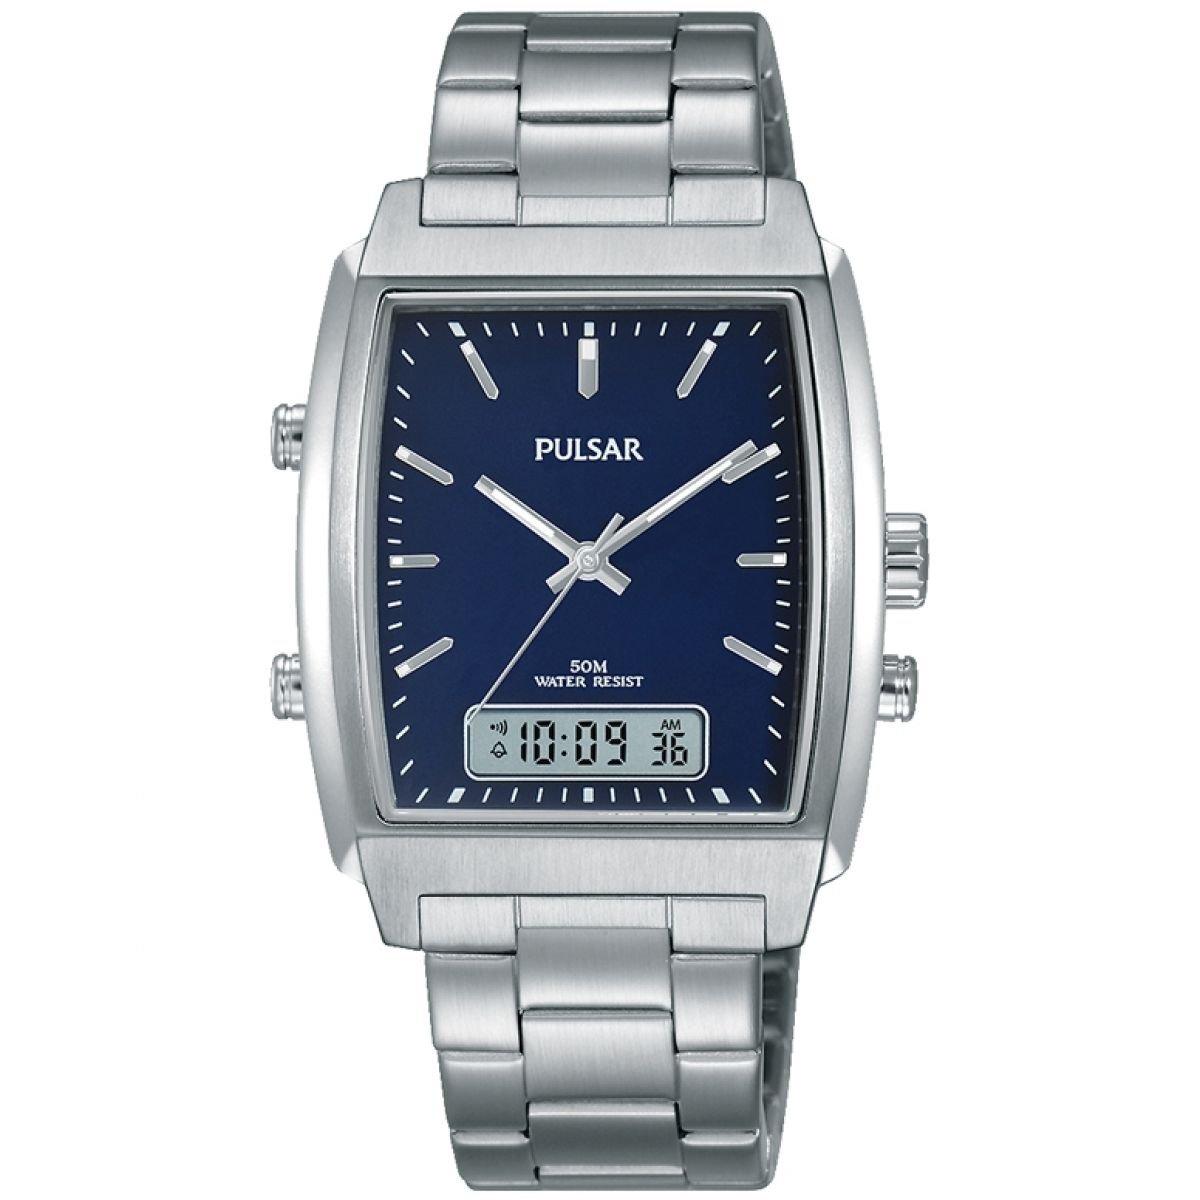 Pulsar Reloj Analógico para Hombre de Cuarzo con Correa en Acero Inoxidable PBK029X1: Amazon.es: Relojes